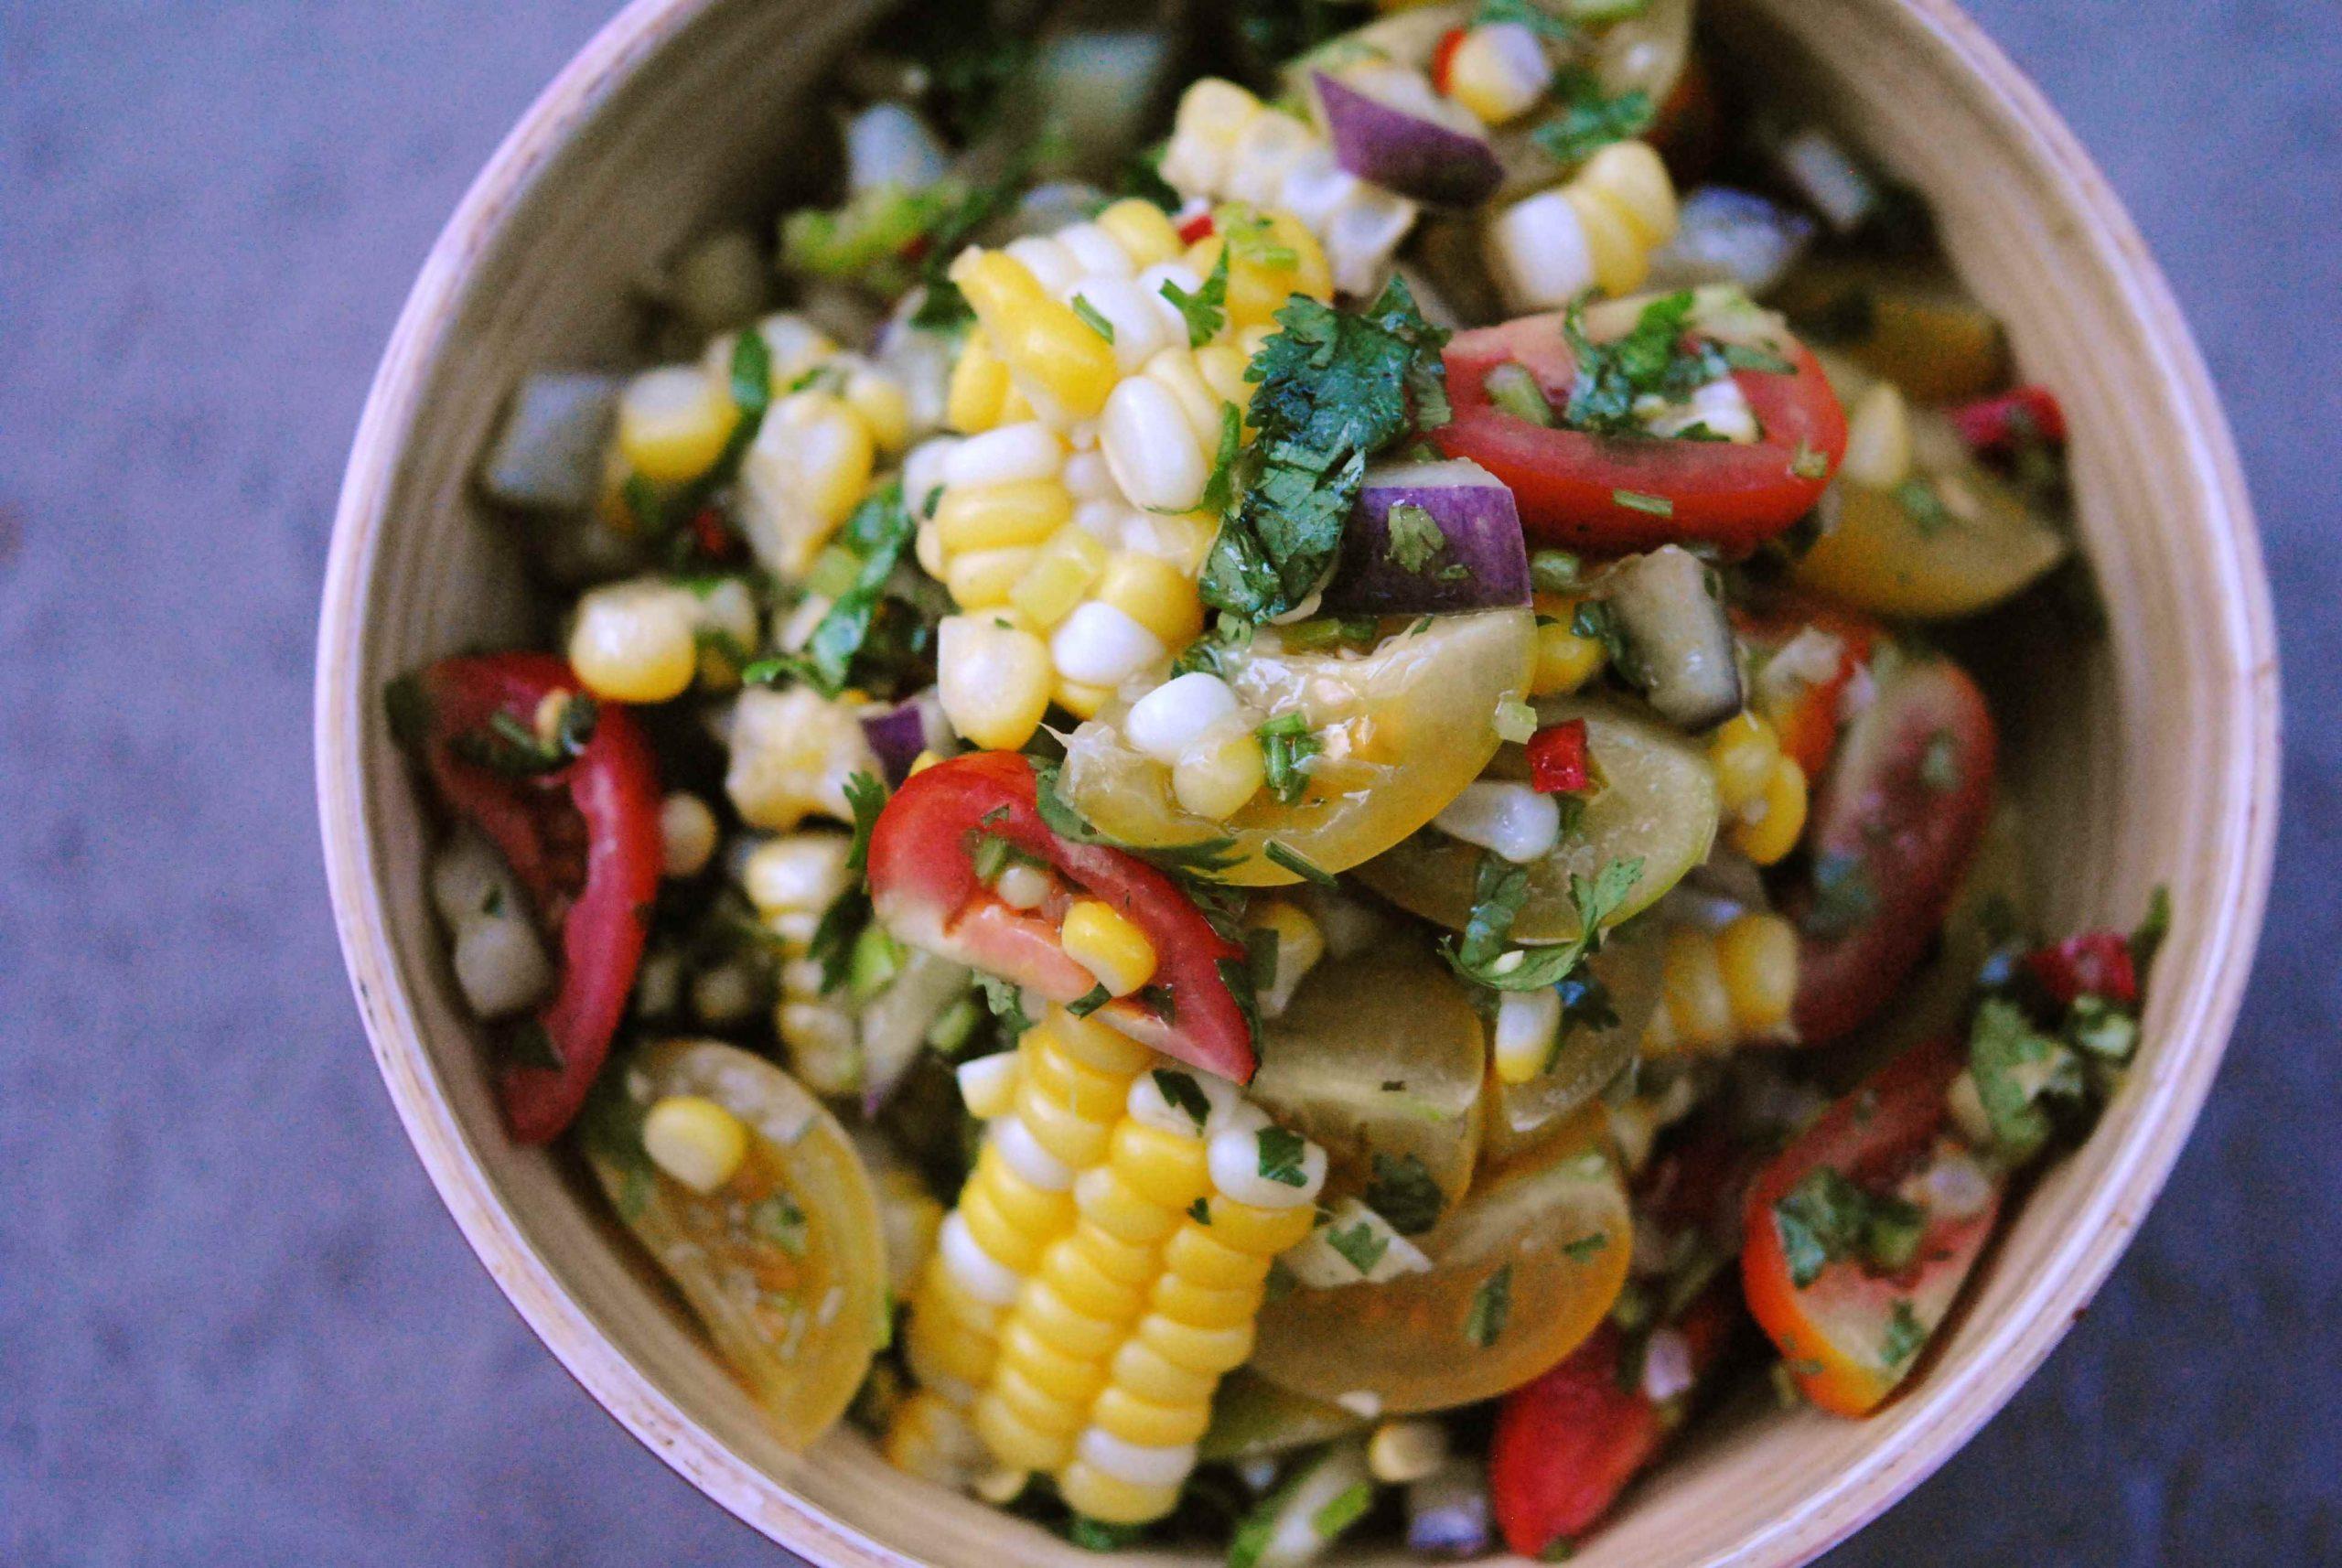 Salade de maïs bio, tomates et kale sauce piquante lime et coriandre